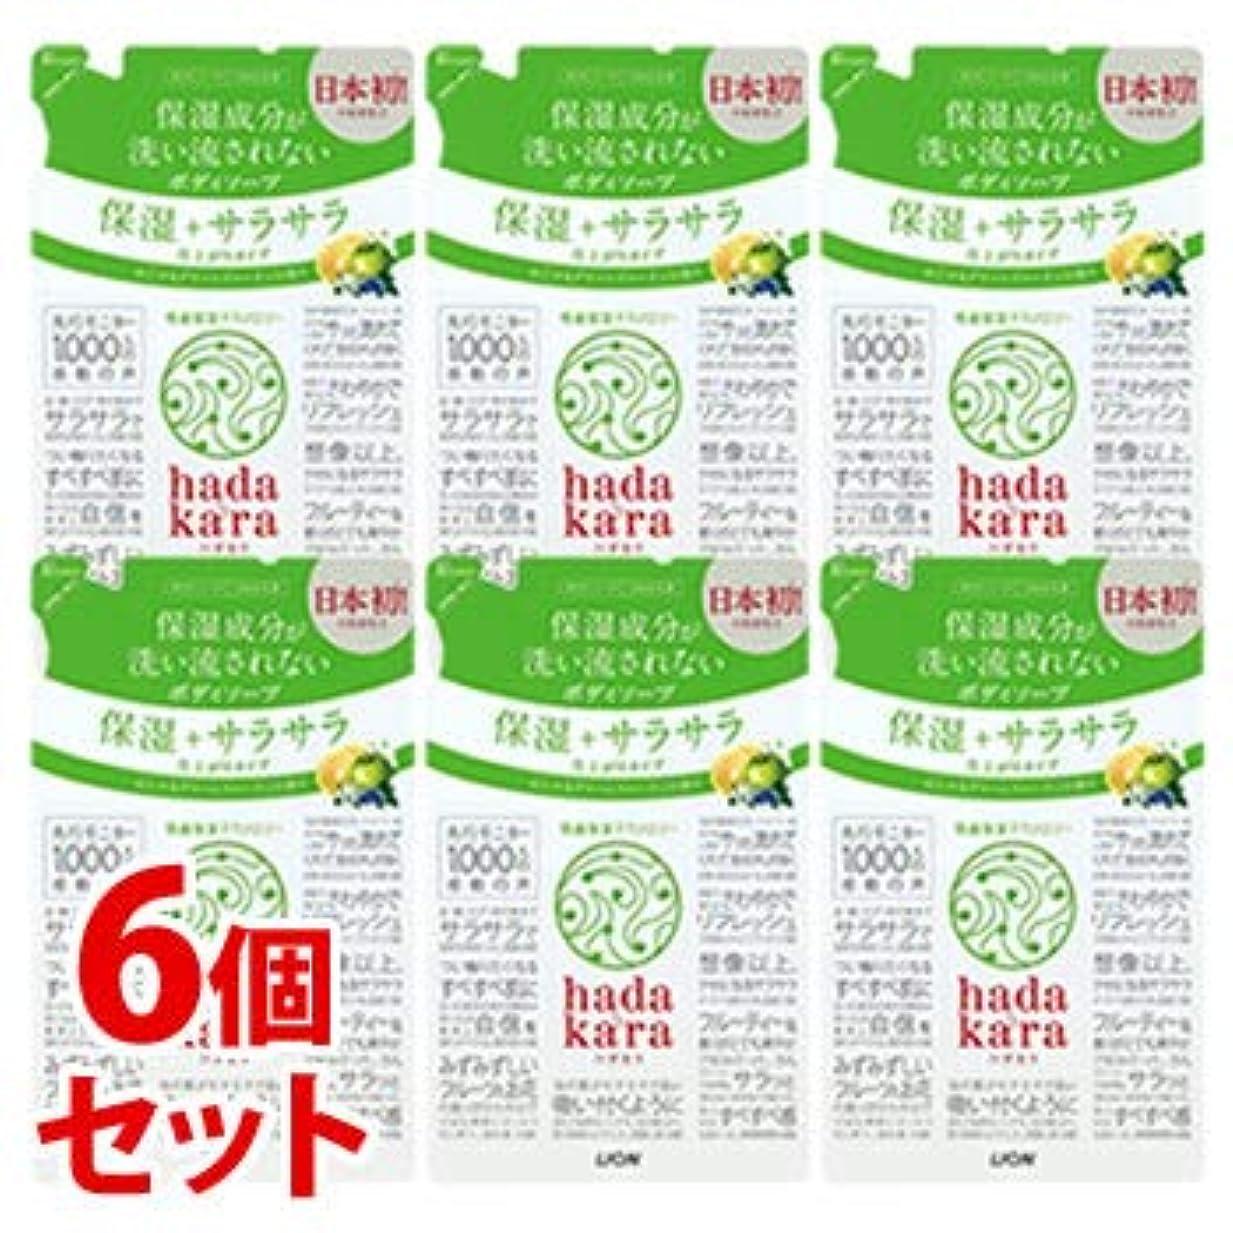 会話アナウンサー証拠《セット販売》 ライオン ハダカラ hadakara ボディソープ 保湿+サラサラ仕上がりタイプ グリーンフルーティの香り つめかえ用 (340mL)×6個セット 詰め替え用